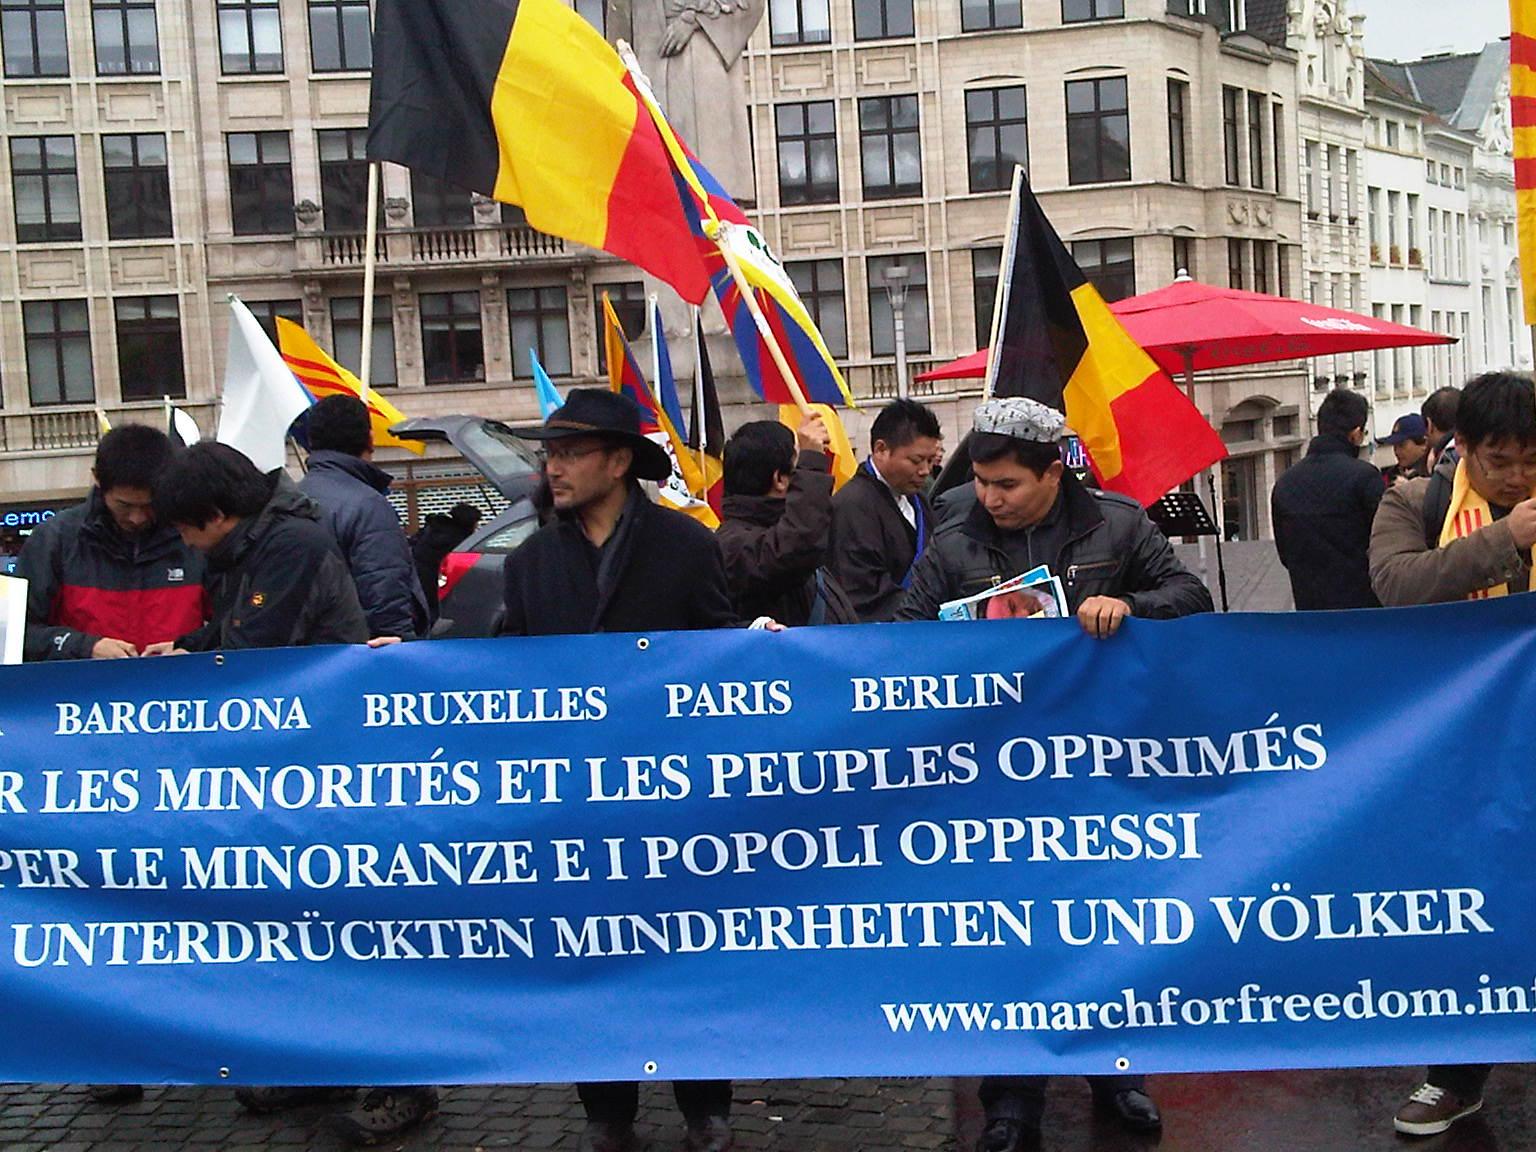 Bruxelles, V Marcia per la Libertà, 13 ottobre 2012